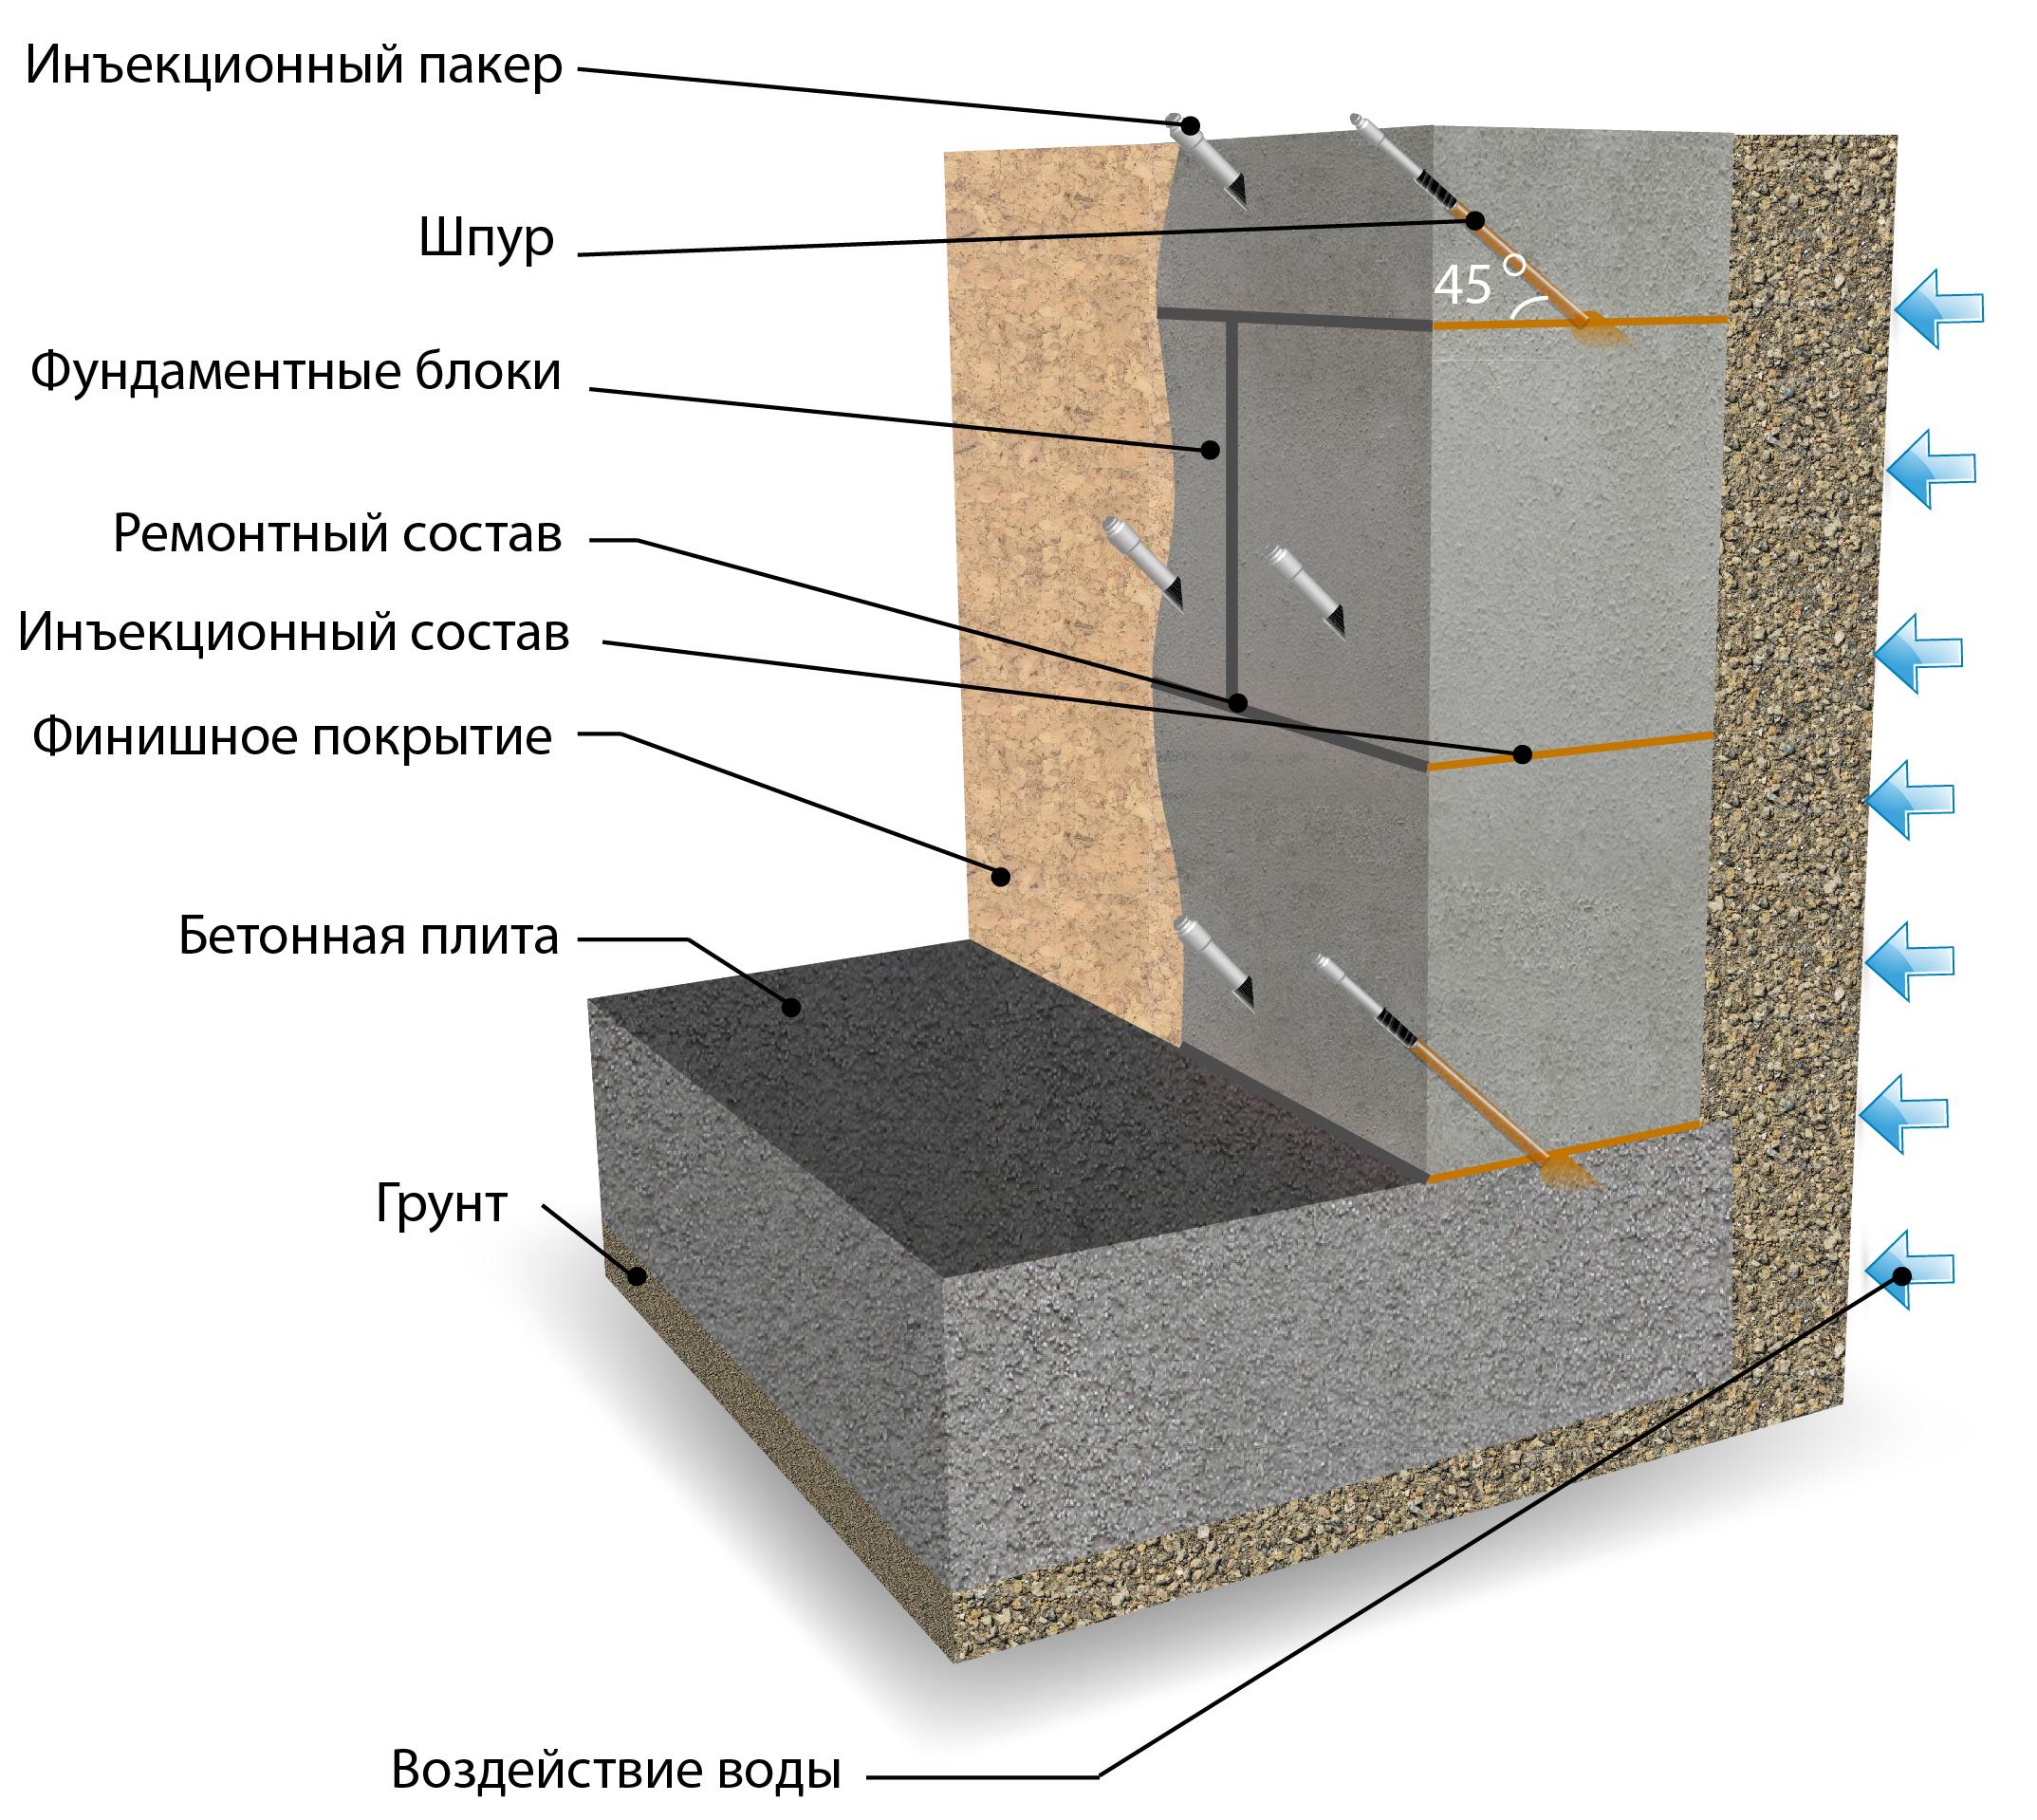 Схема устройства гидроизоляции изнутри